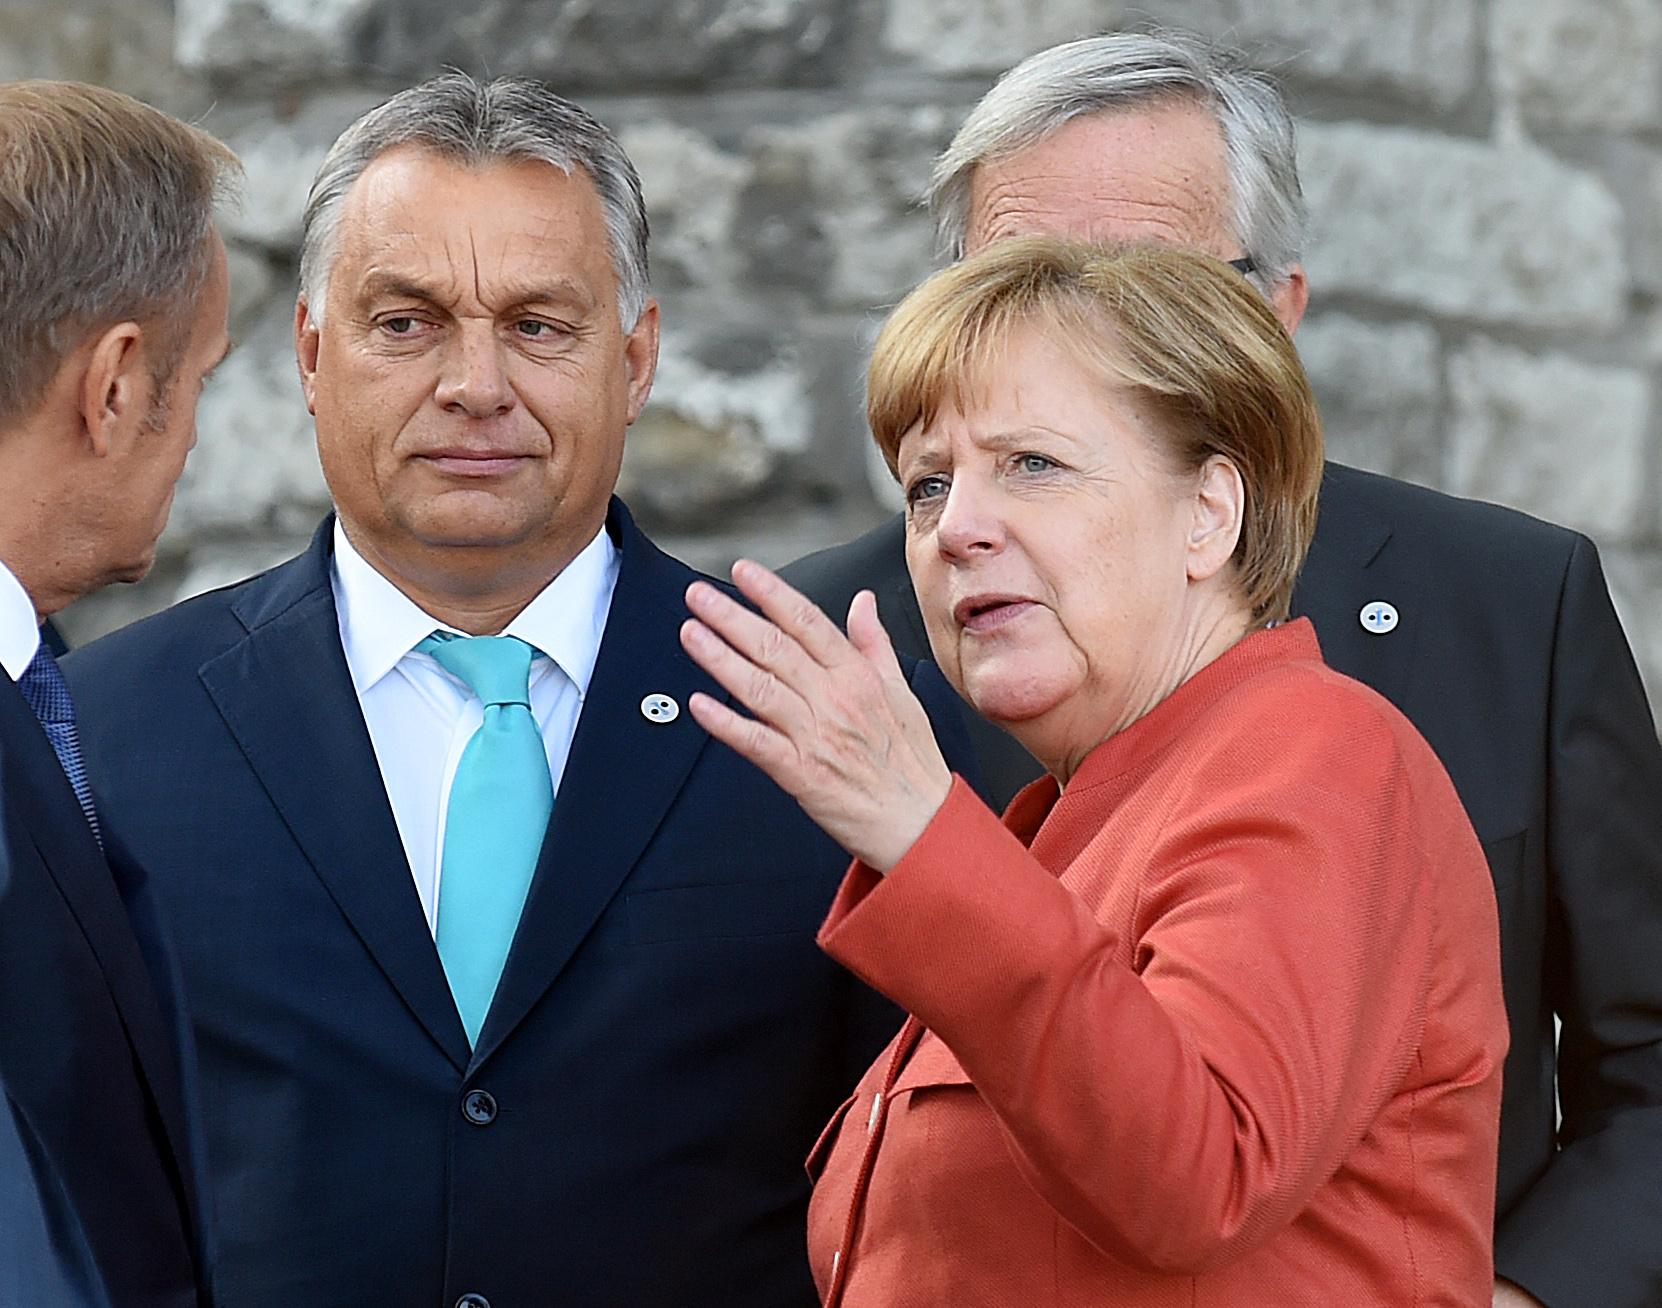 Merkel levelet kapott: Szégyen, hogy hallgat, miközben Orbán lebontja a magyar demokráciát